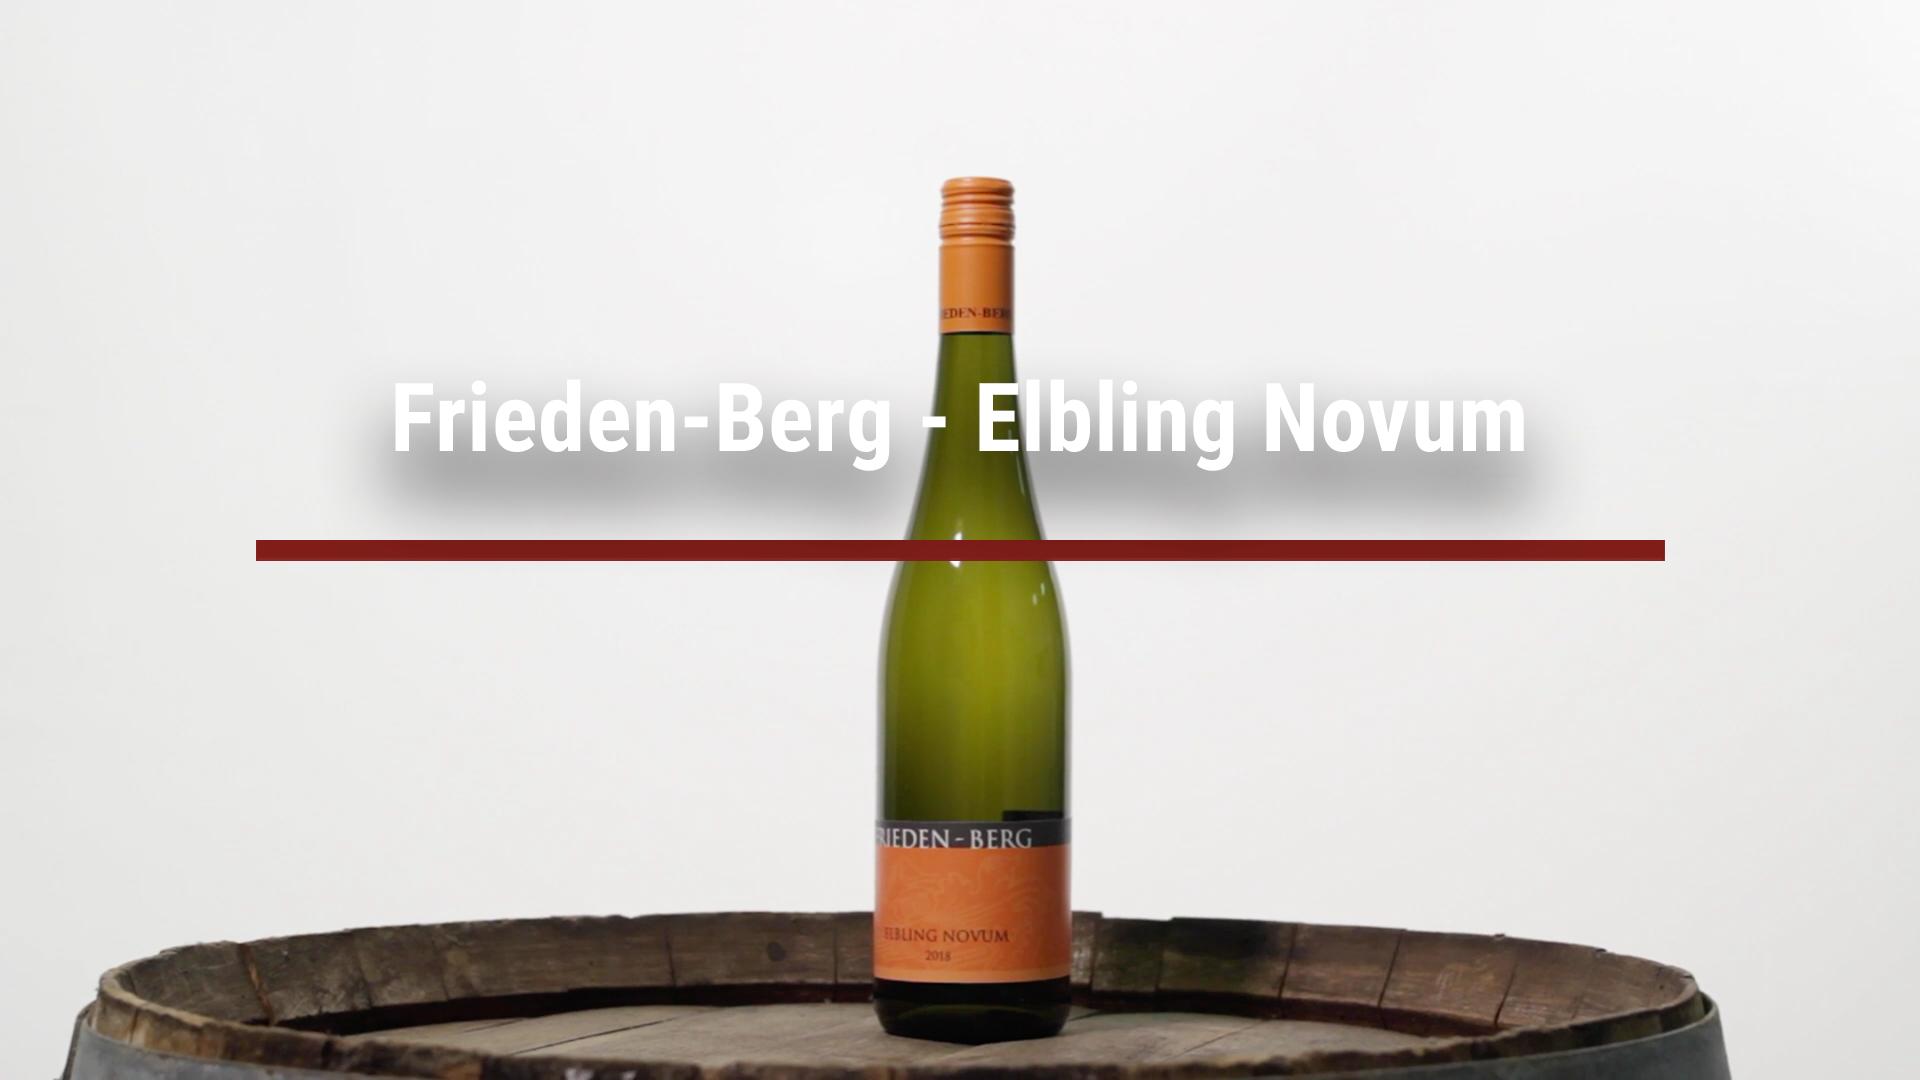 Frieden-Berg – Elbling Novum